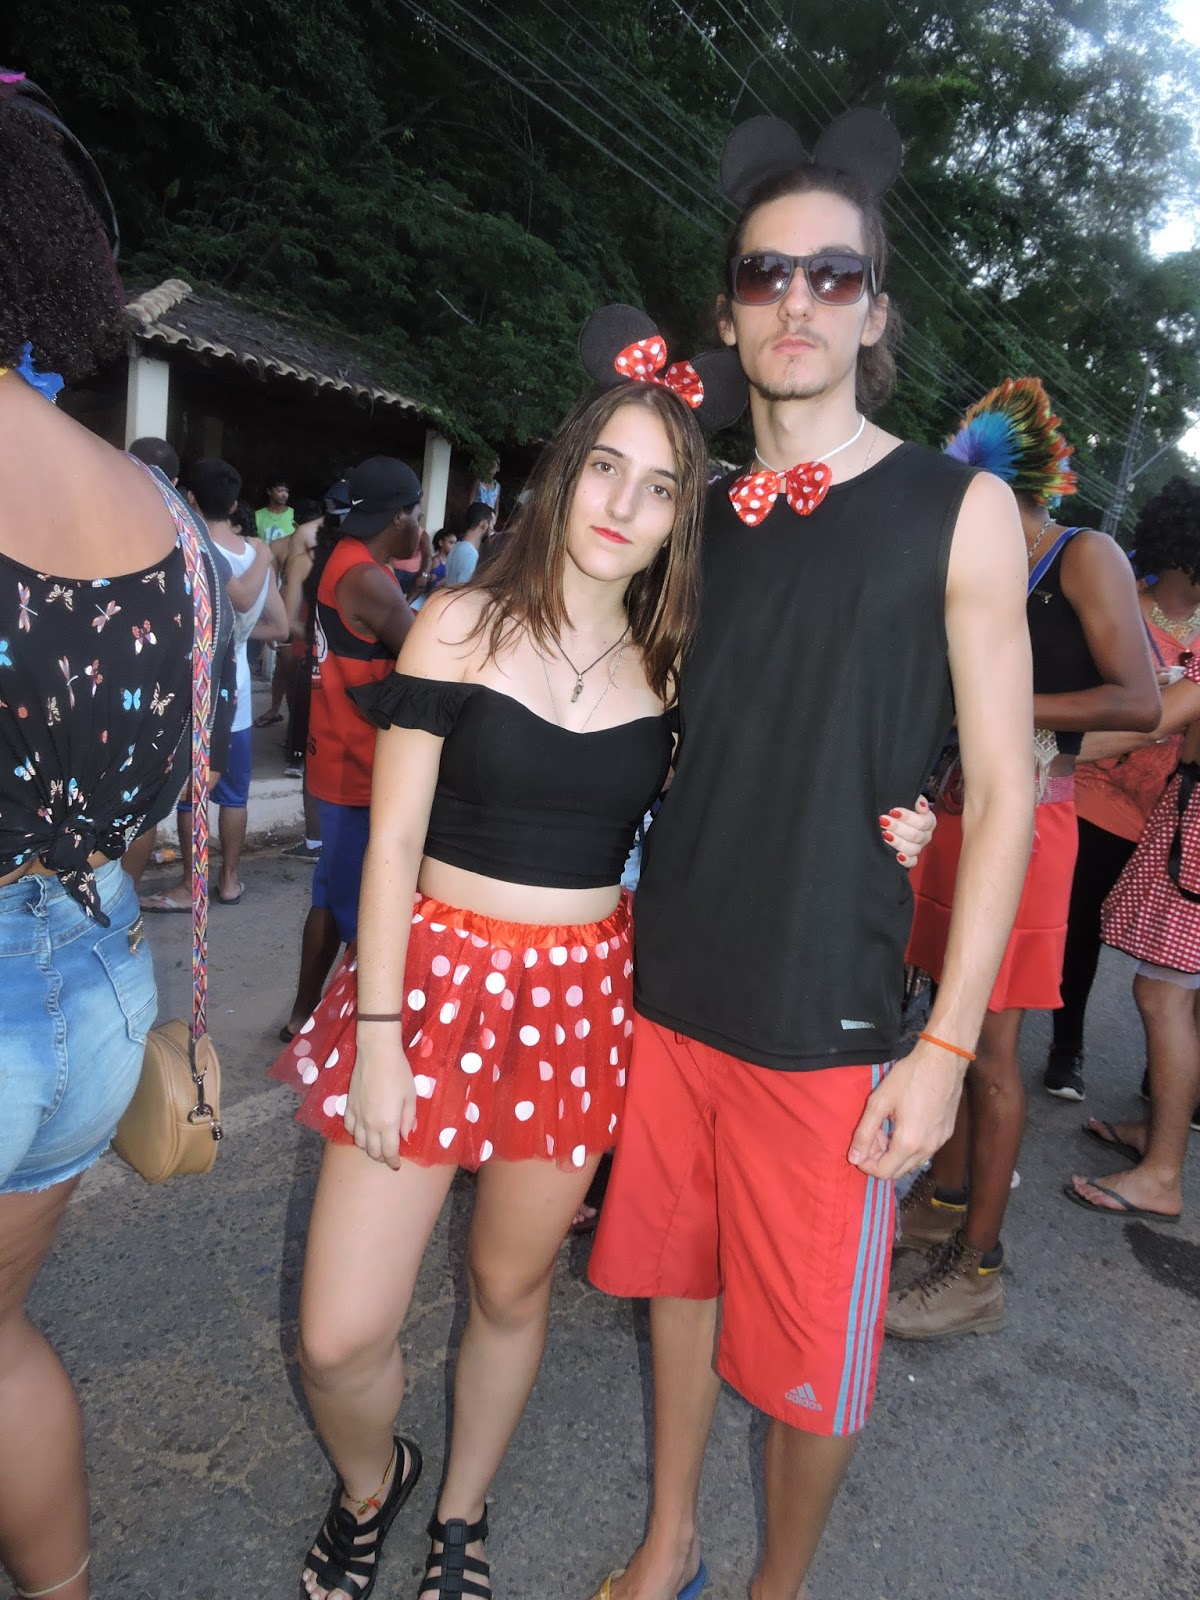 e7f61edcead3f Fotos do Bloco das Piranhas no carnaval de Laje do Muriaé, parte 5 ...